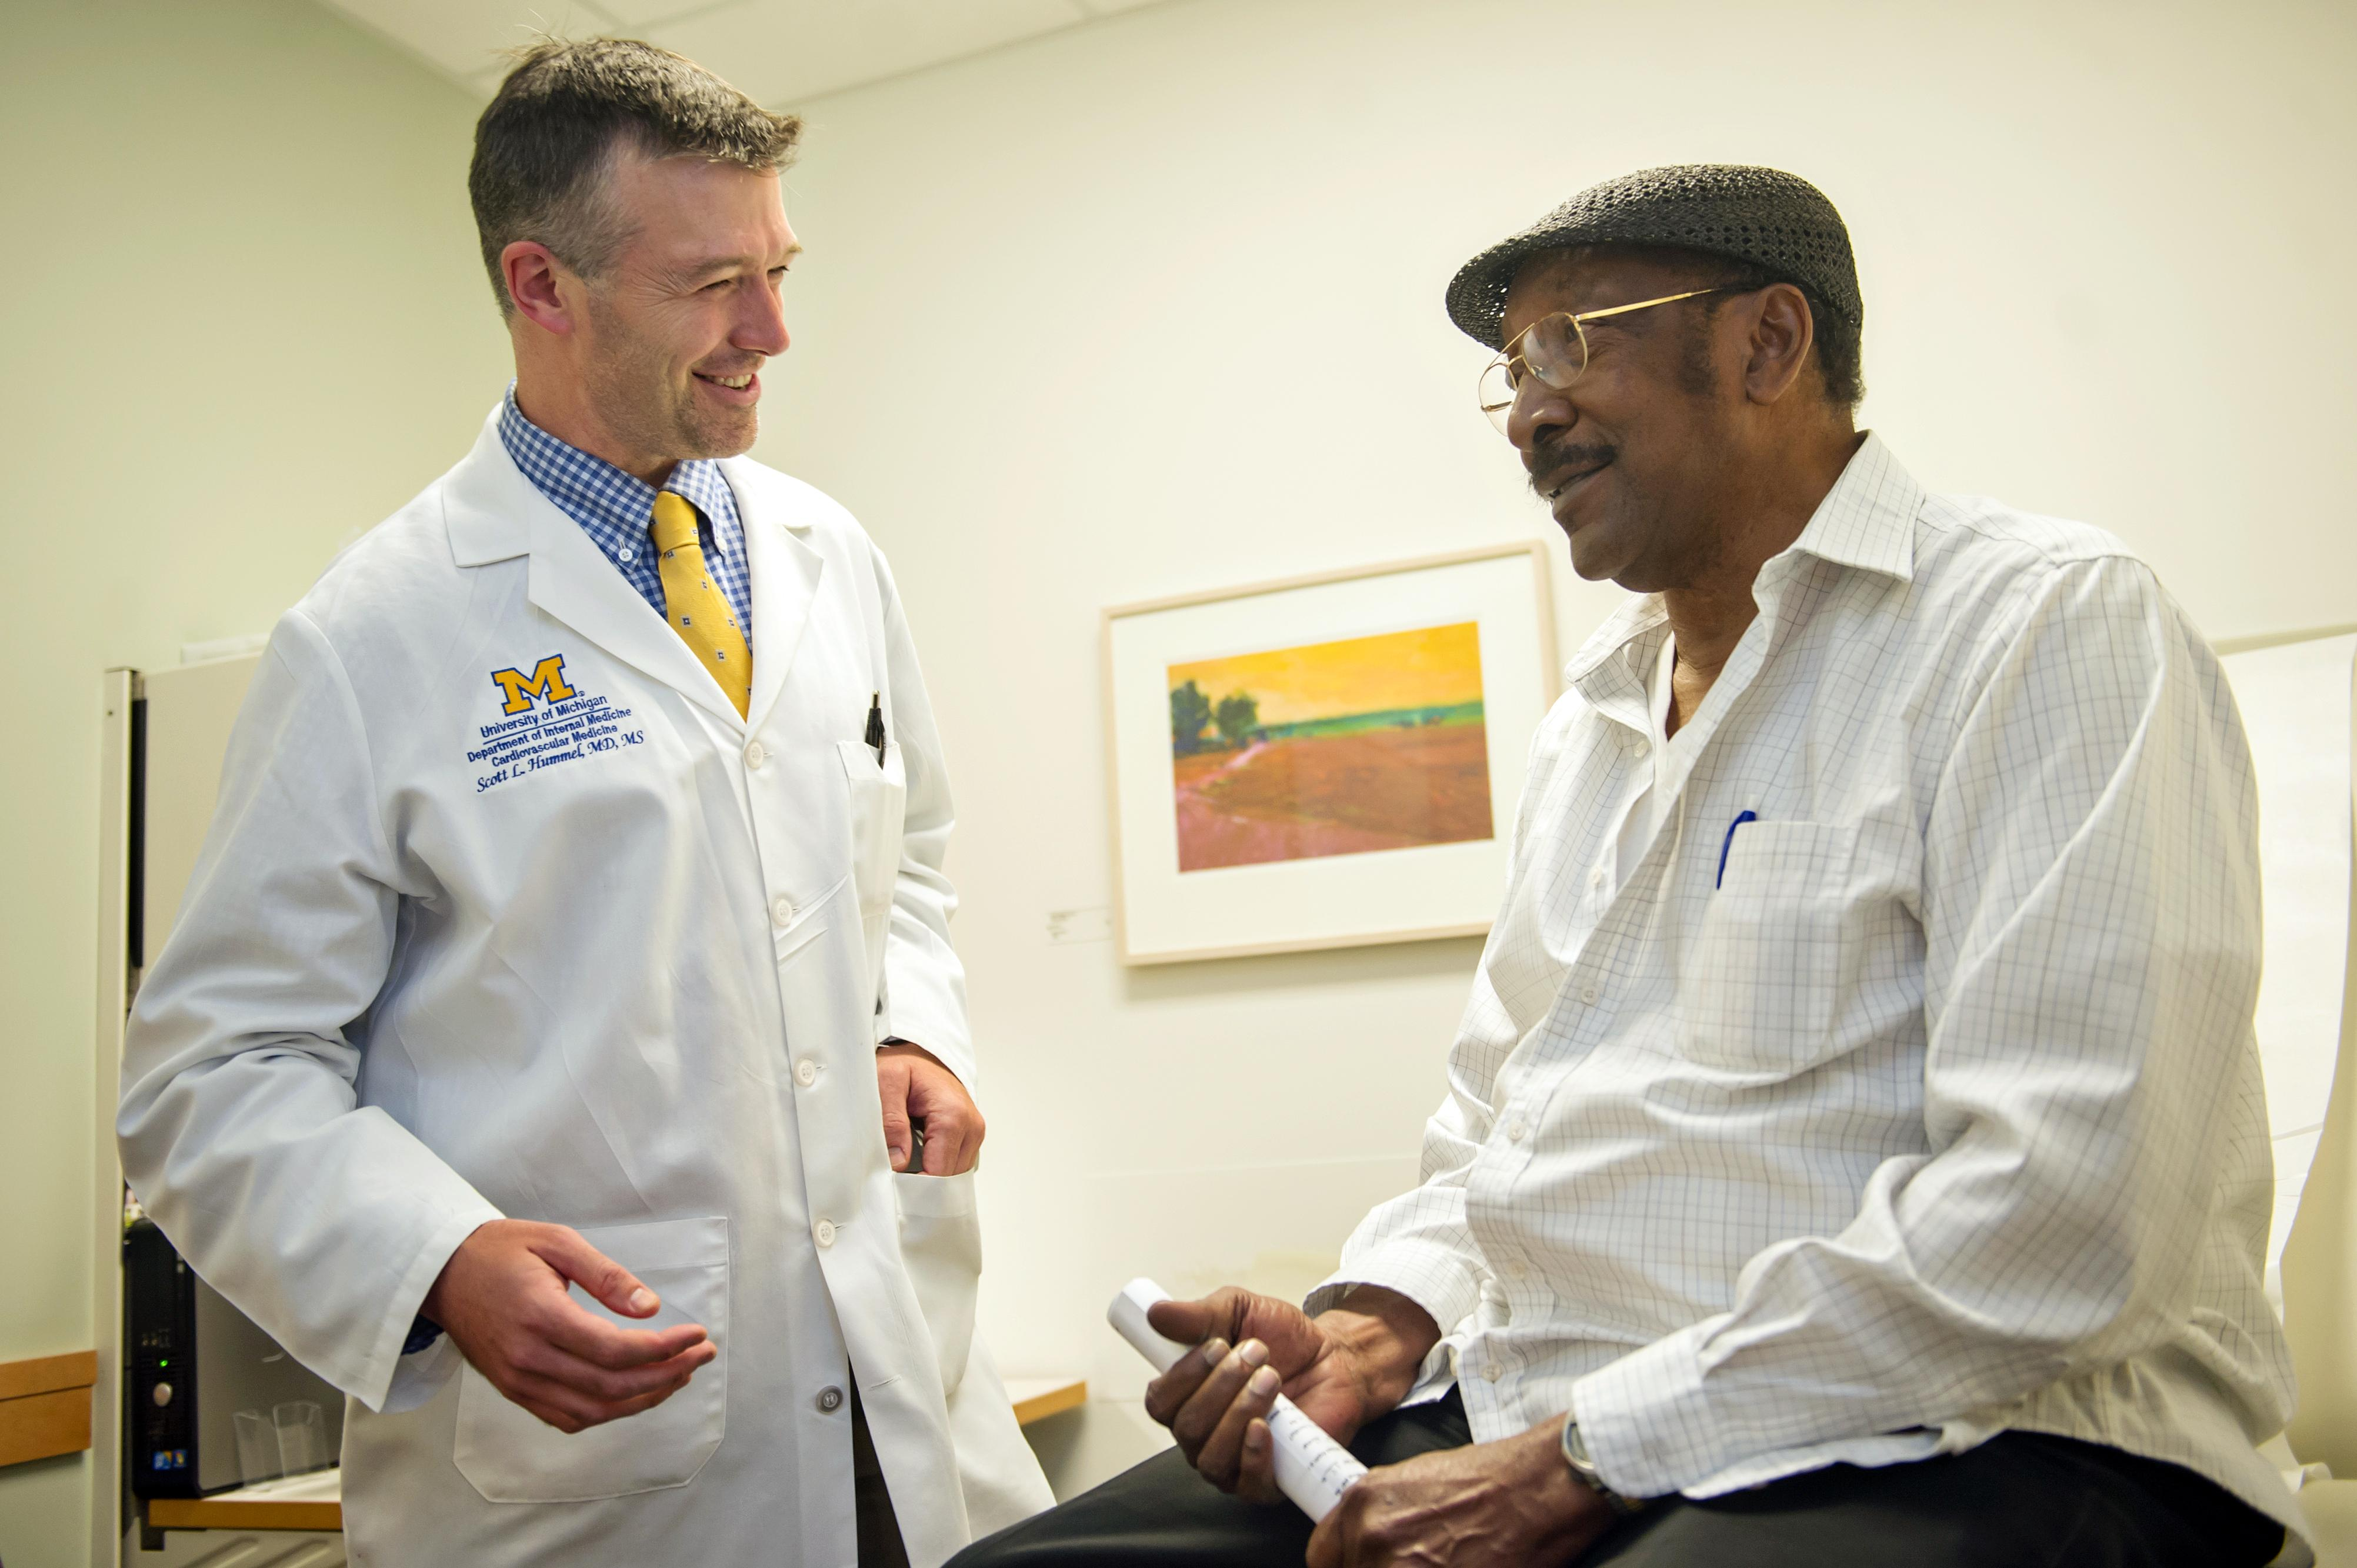 Dr. Hummel with patient